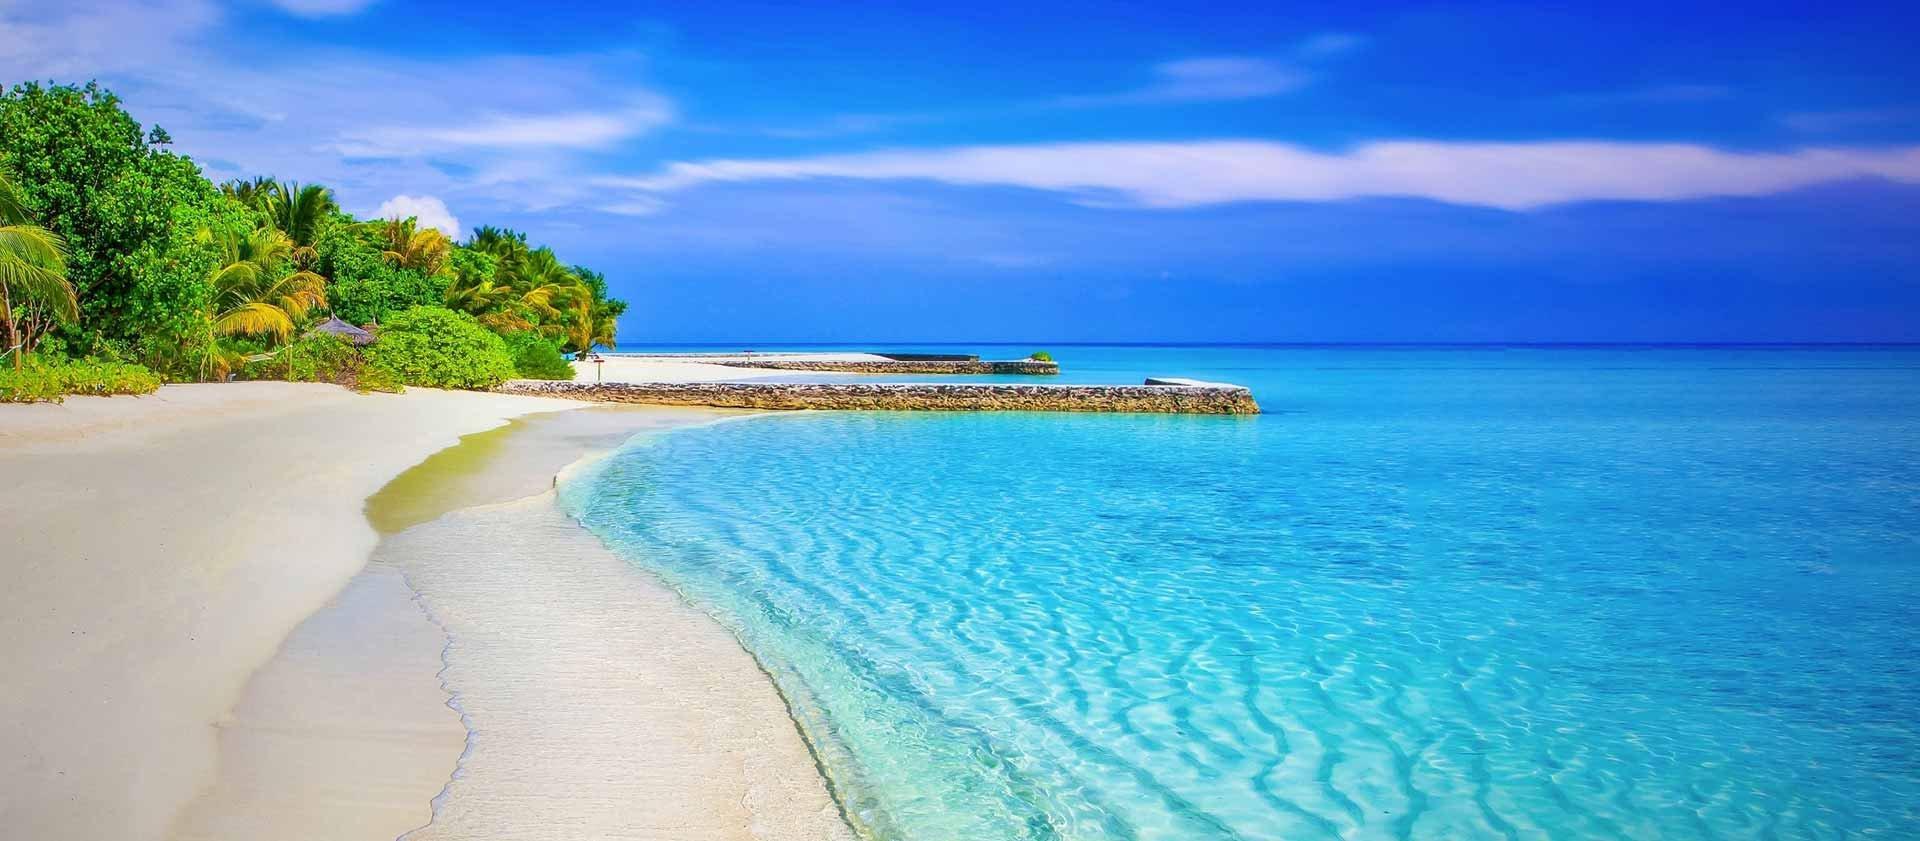 beach_bg_banner